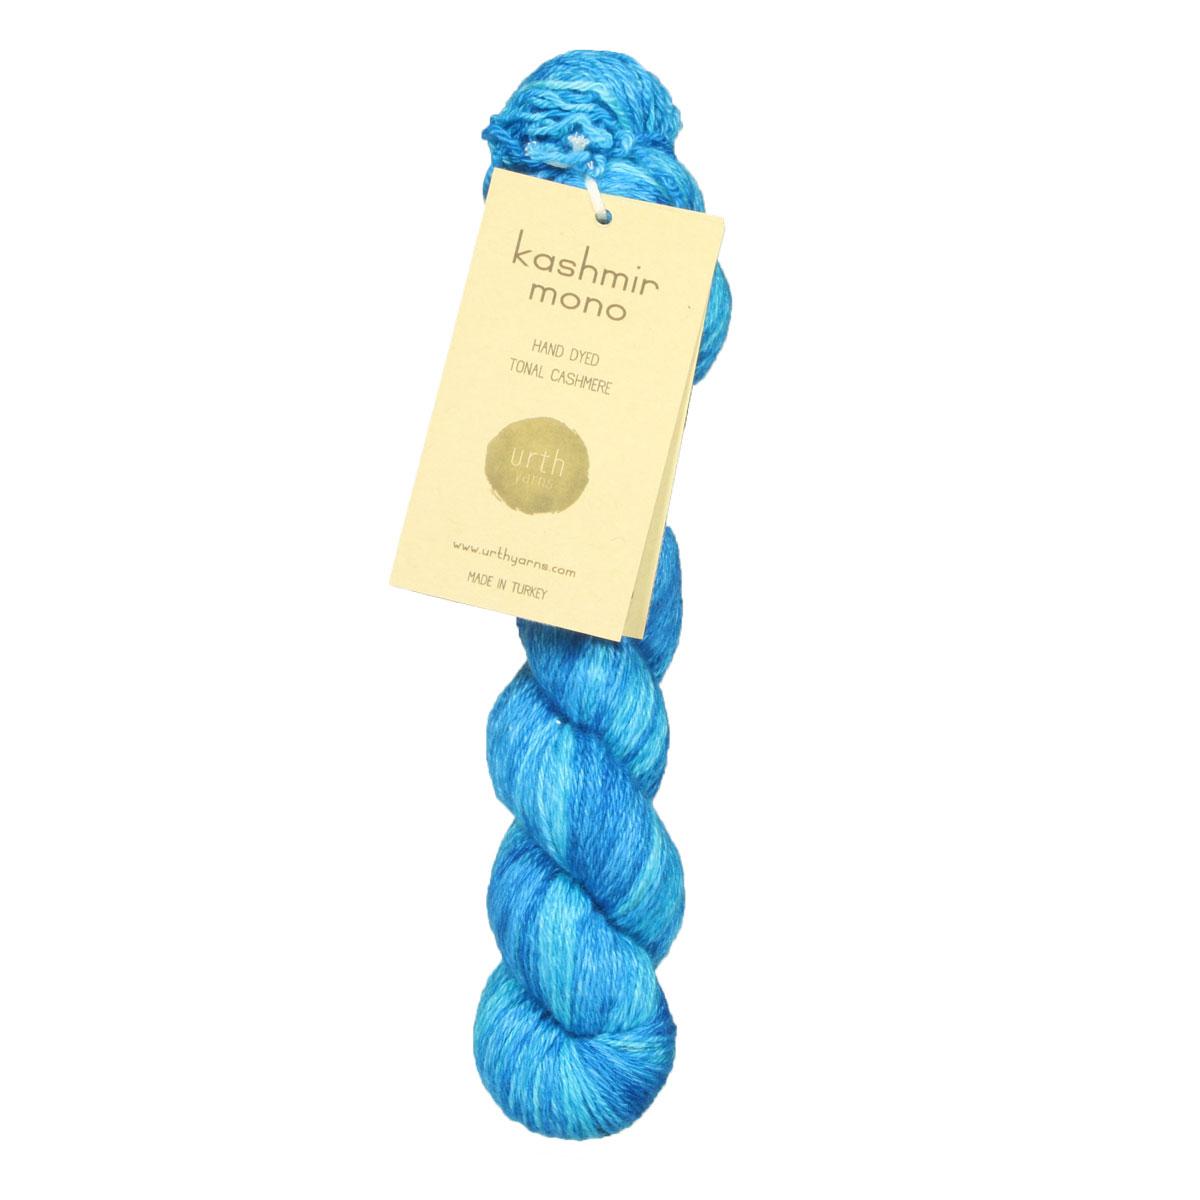 f61ff0af76 Urth Yarns Kashmir Mono Yarn - 707 at Jimmy Beans Wool